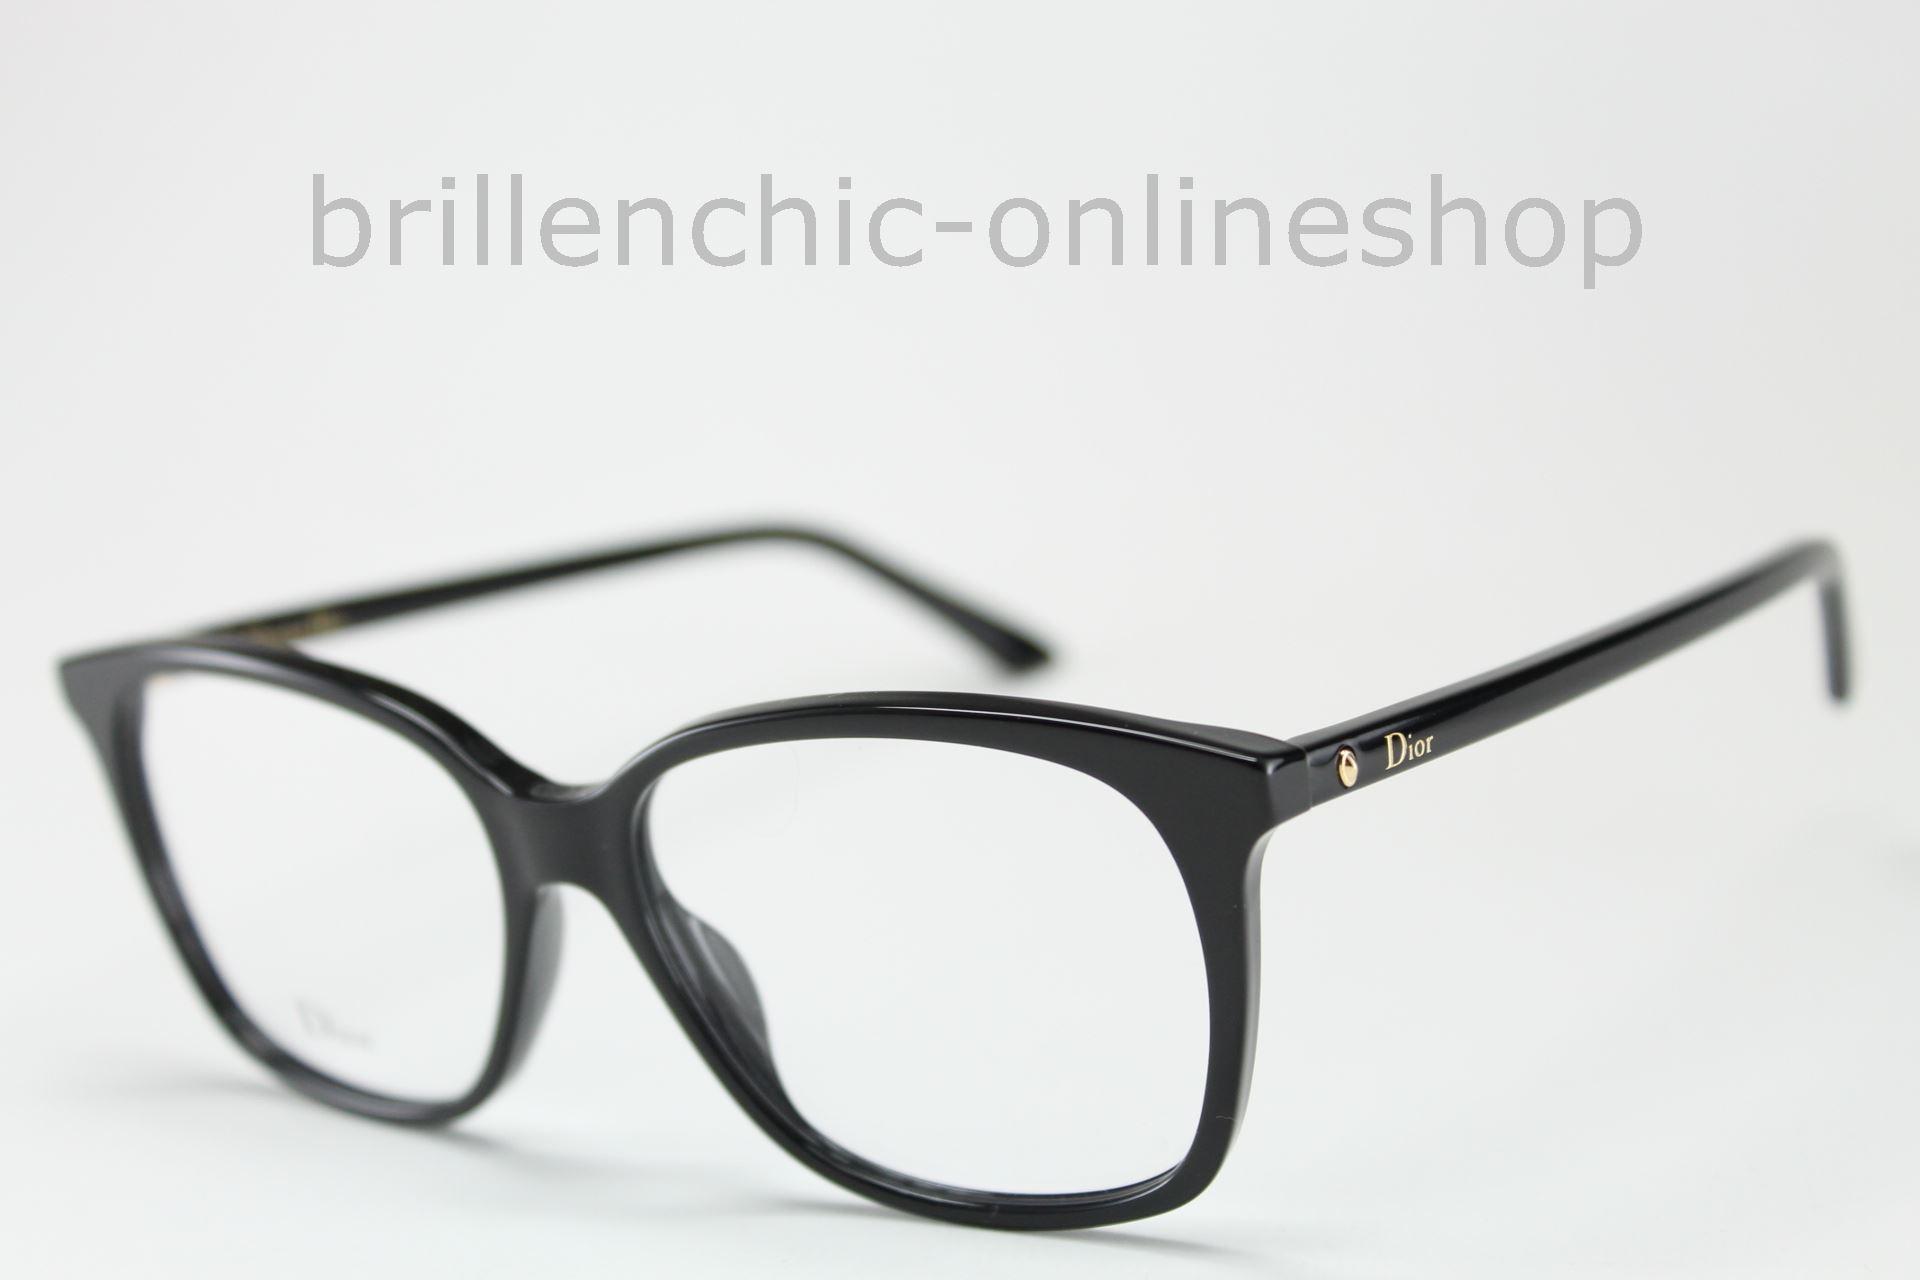 Brillenchic Onlineshop In Berlin Dior Montaigne 55 807 New